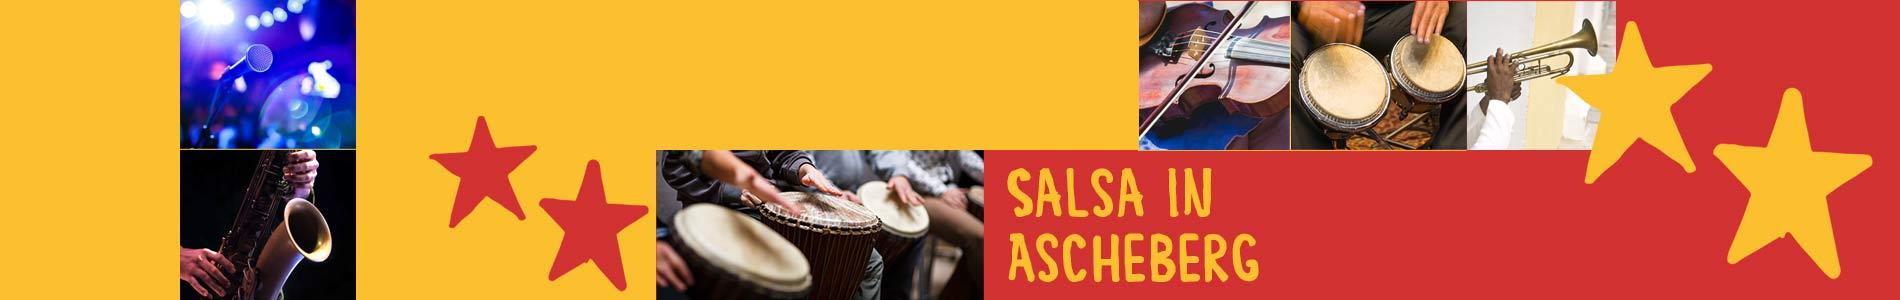 Salsa in Ascheberg – Salsa lernen und tanzen, Tanzkurse, Partys, Veranstaltungen